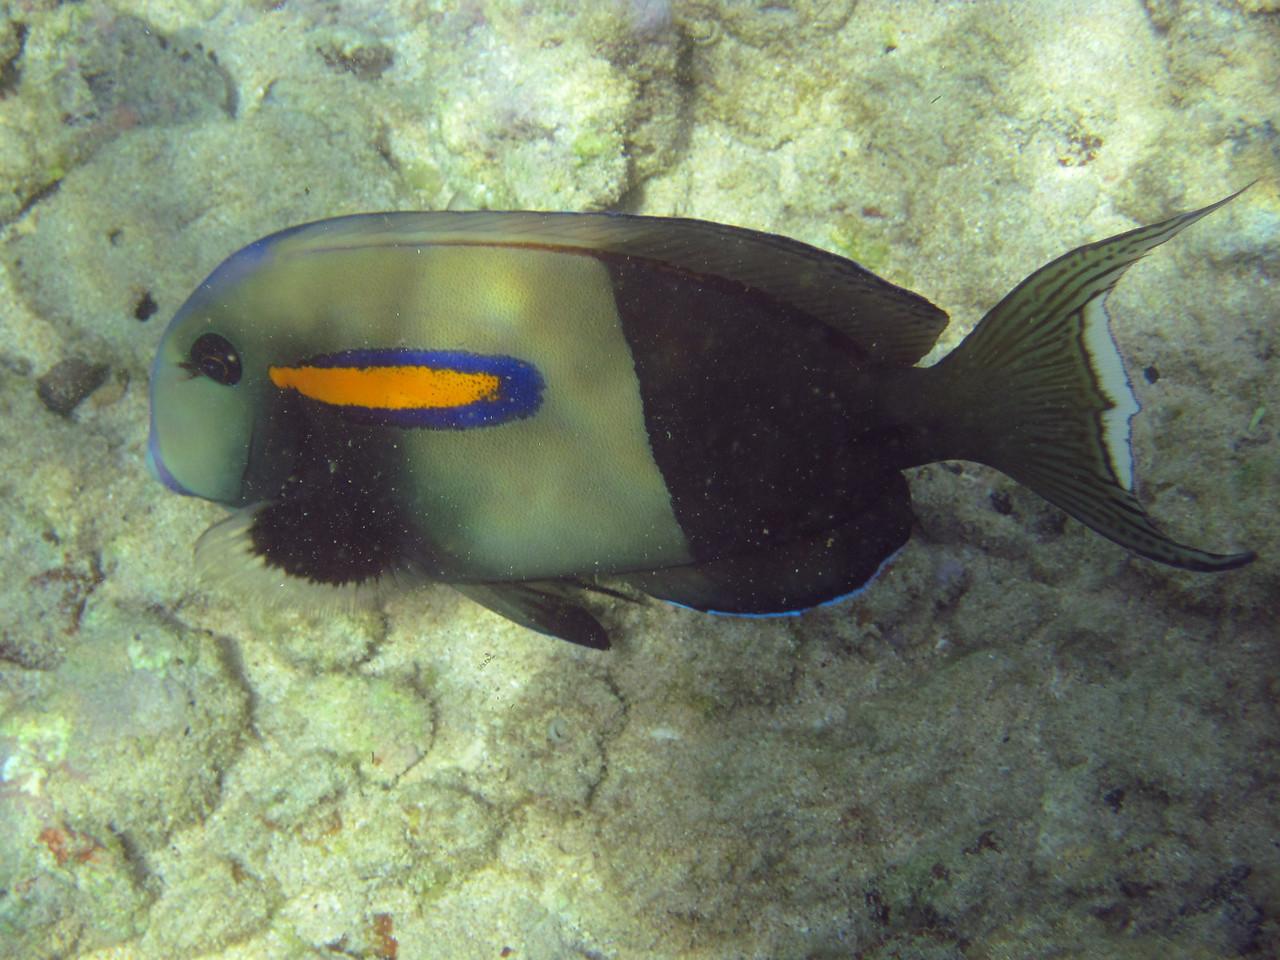 Orangeband surgeonfish (Acanthurus olivaceus)